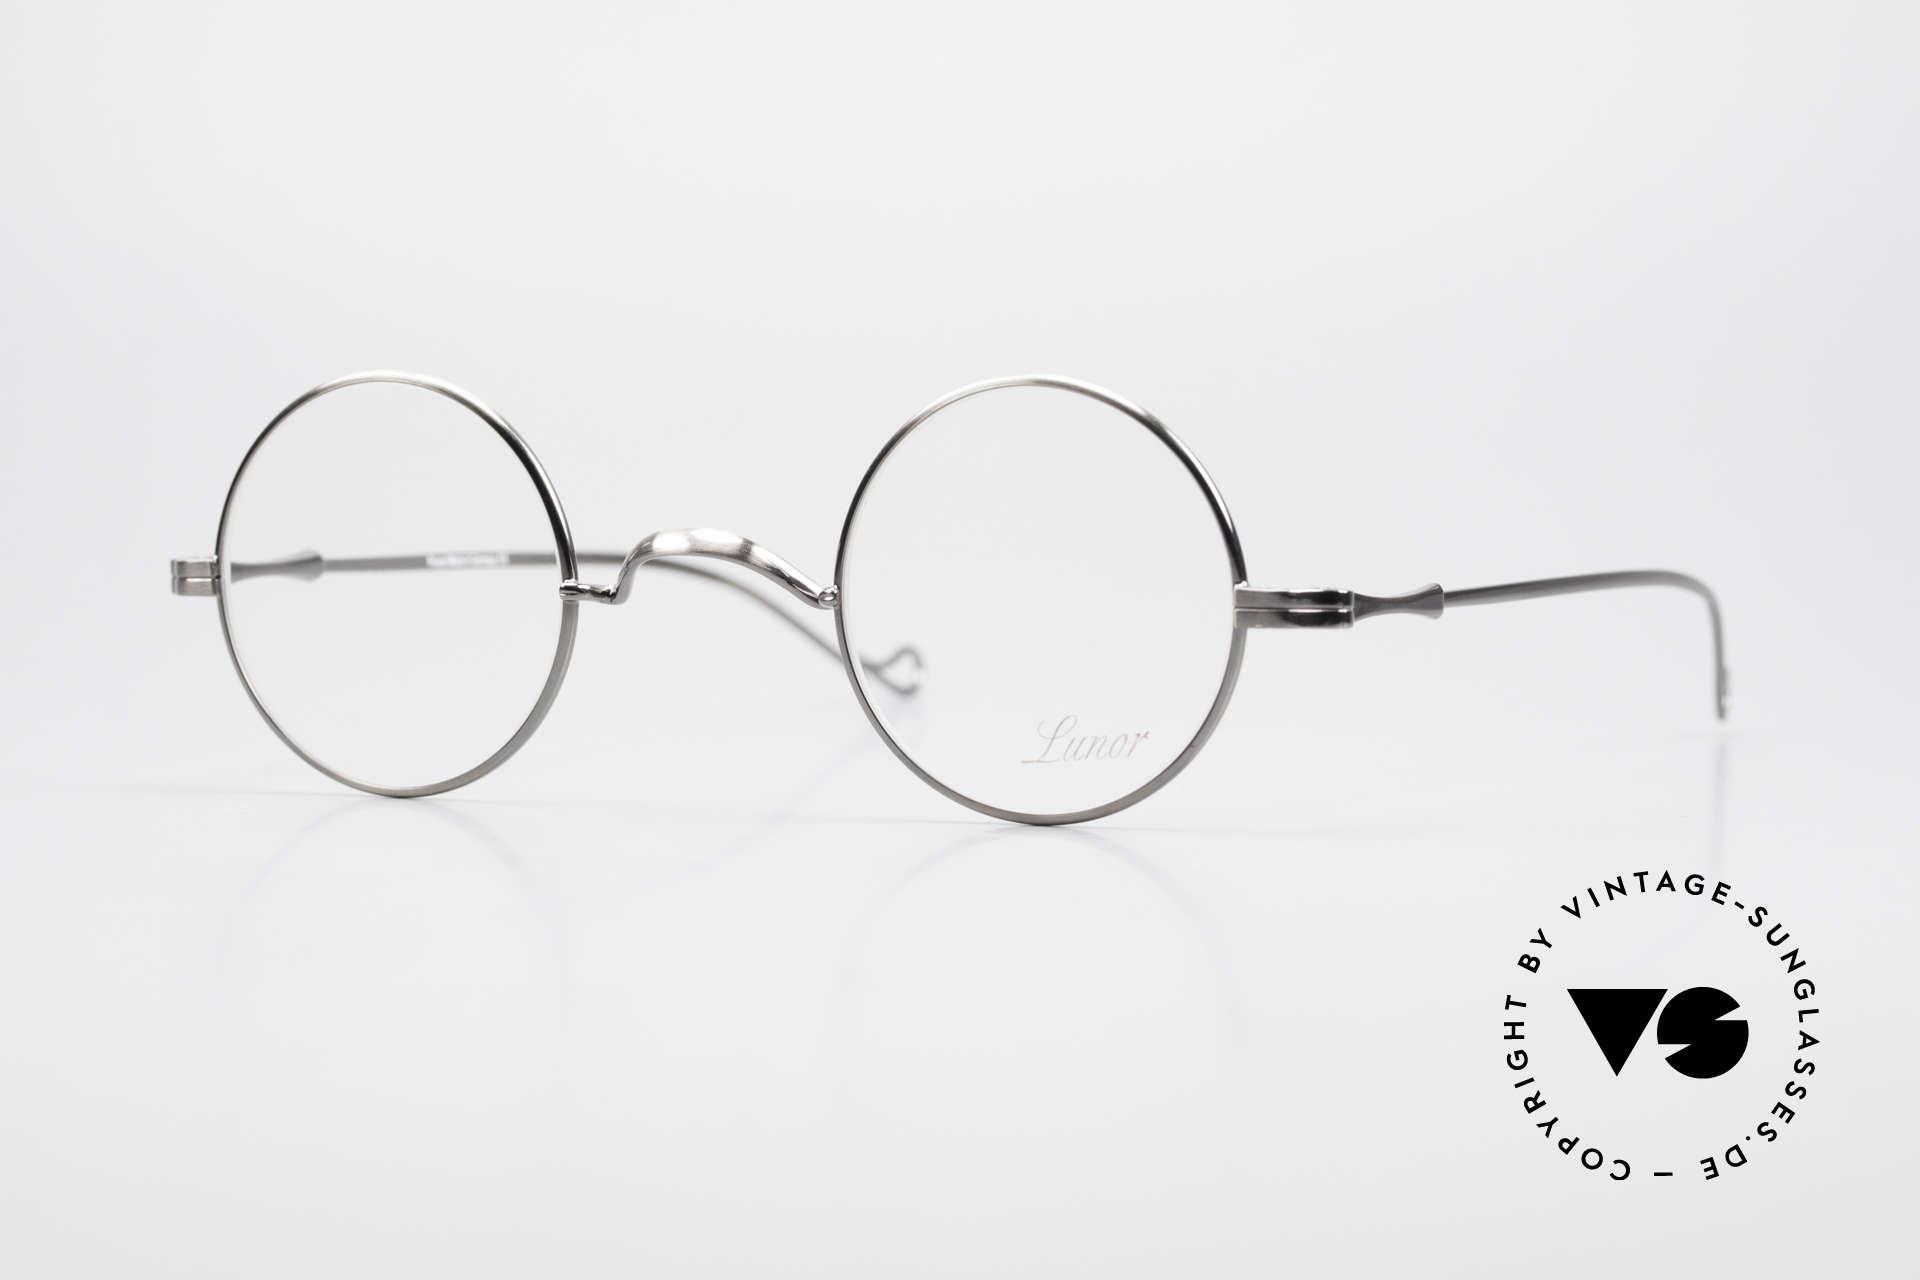 """Lunor II 12 Kleine Runde Luxus Brille, LUNOR = französisch für """"Lunette d'Or"""" (Goldbrille), Passend für Herren und Damen"""